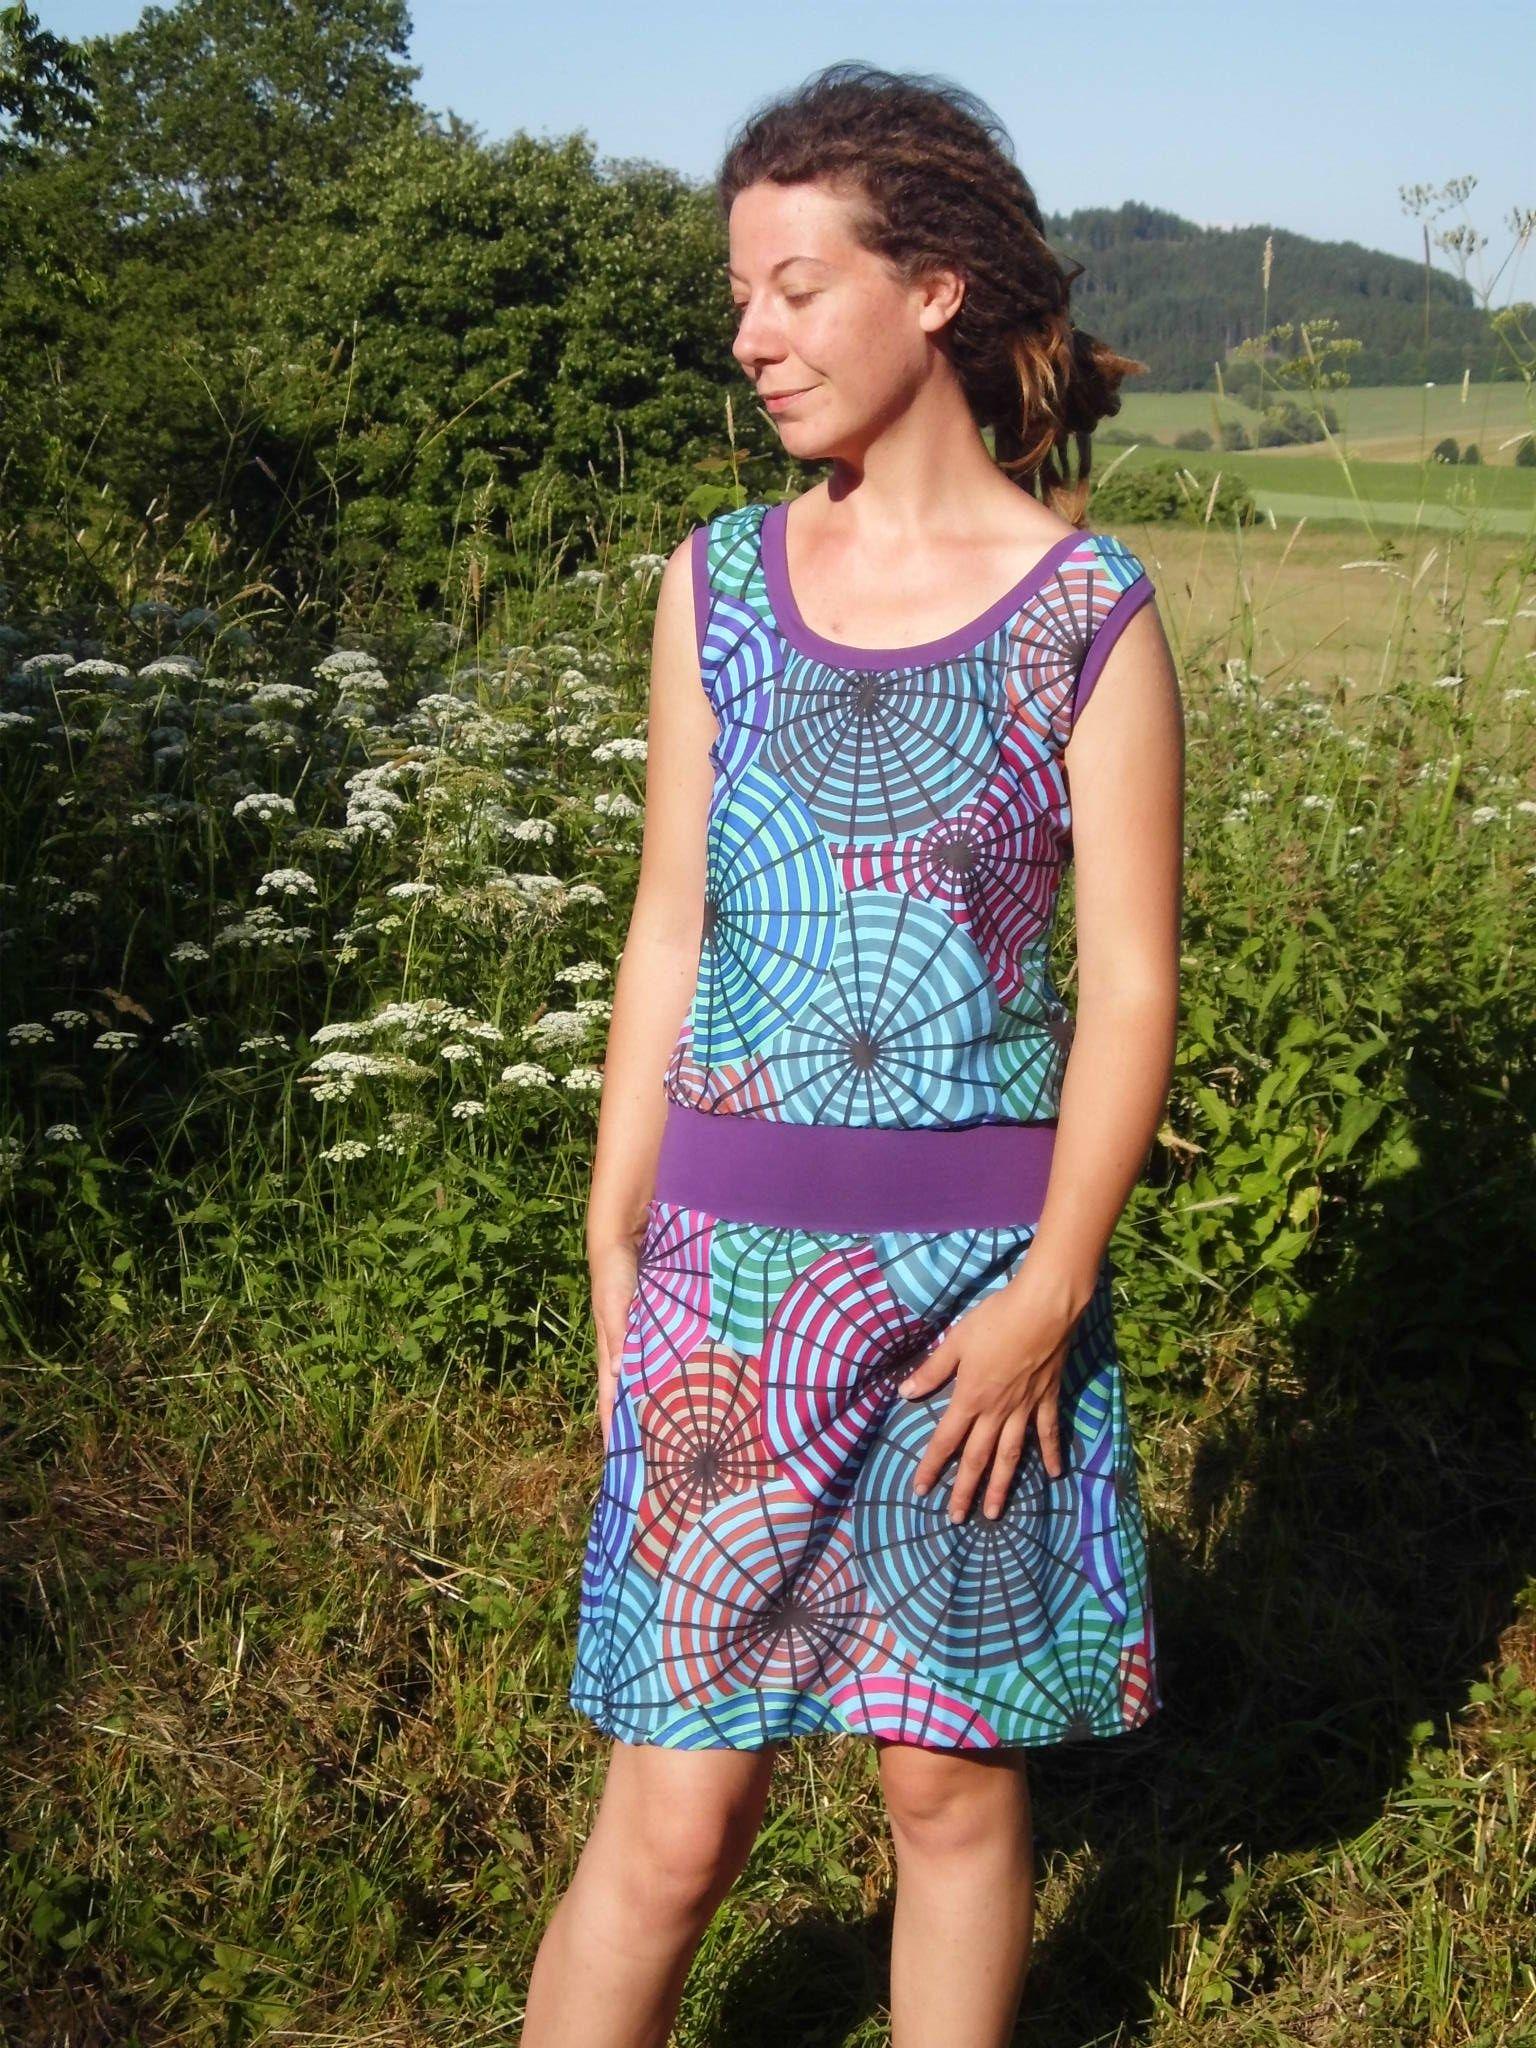 šaty Šaty jsou ušity z designové átky (100%bavlna - nepruží), lemy jsou z pružného fialového úpletu, na zádech zavazování na fialovou šňůrku vel. S - šířka přes prsa 43, délka šatů 98cm